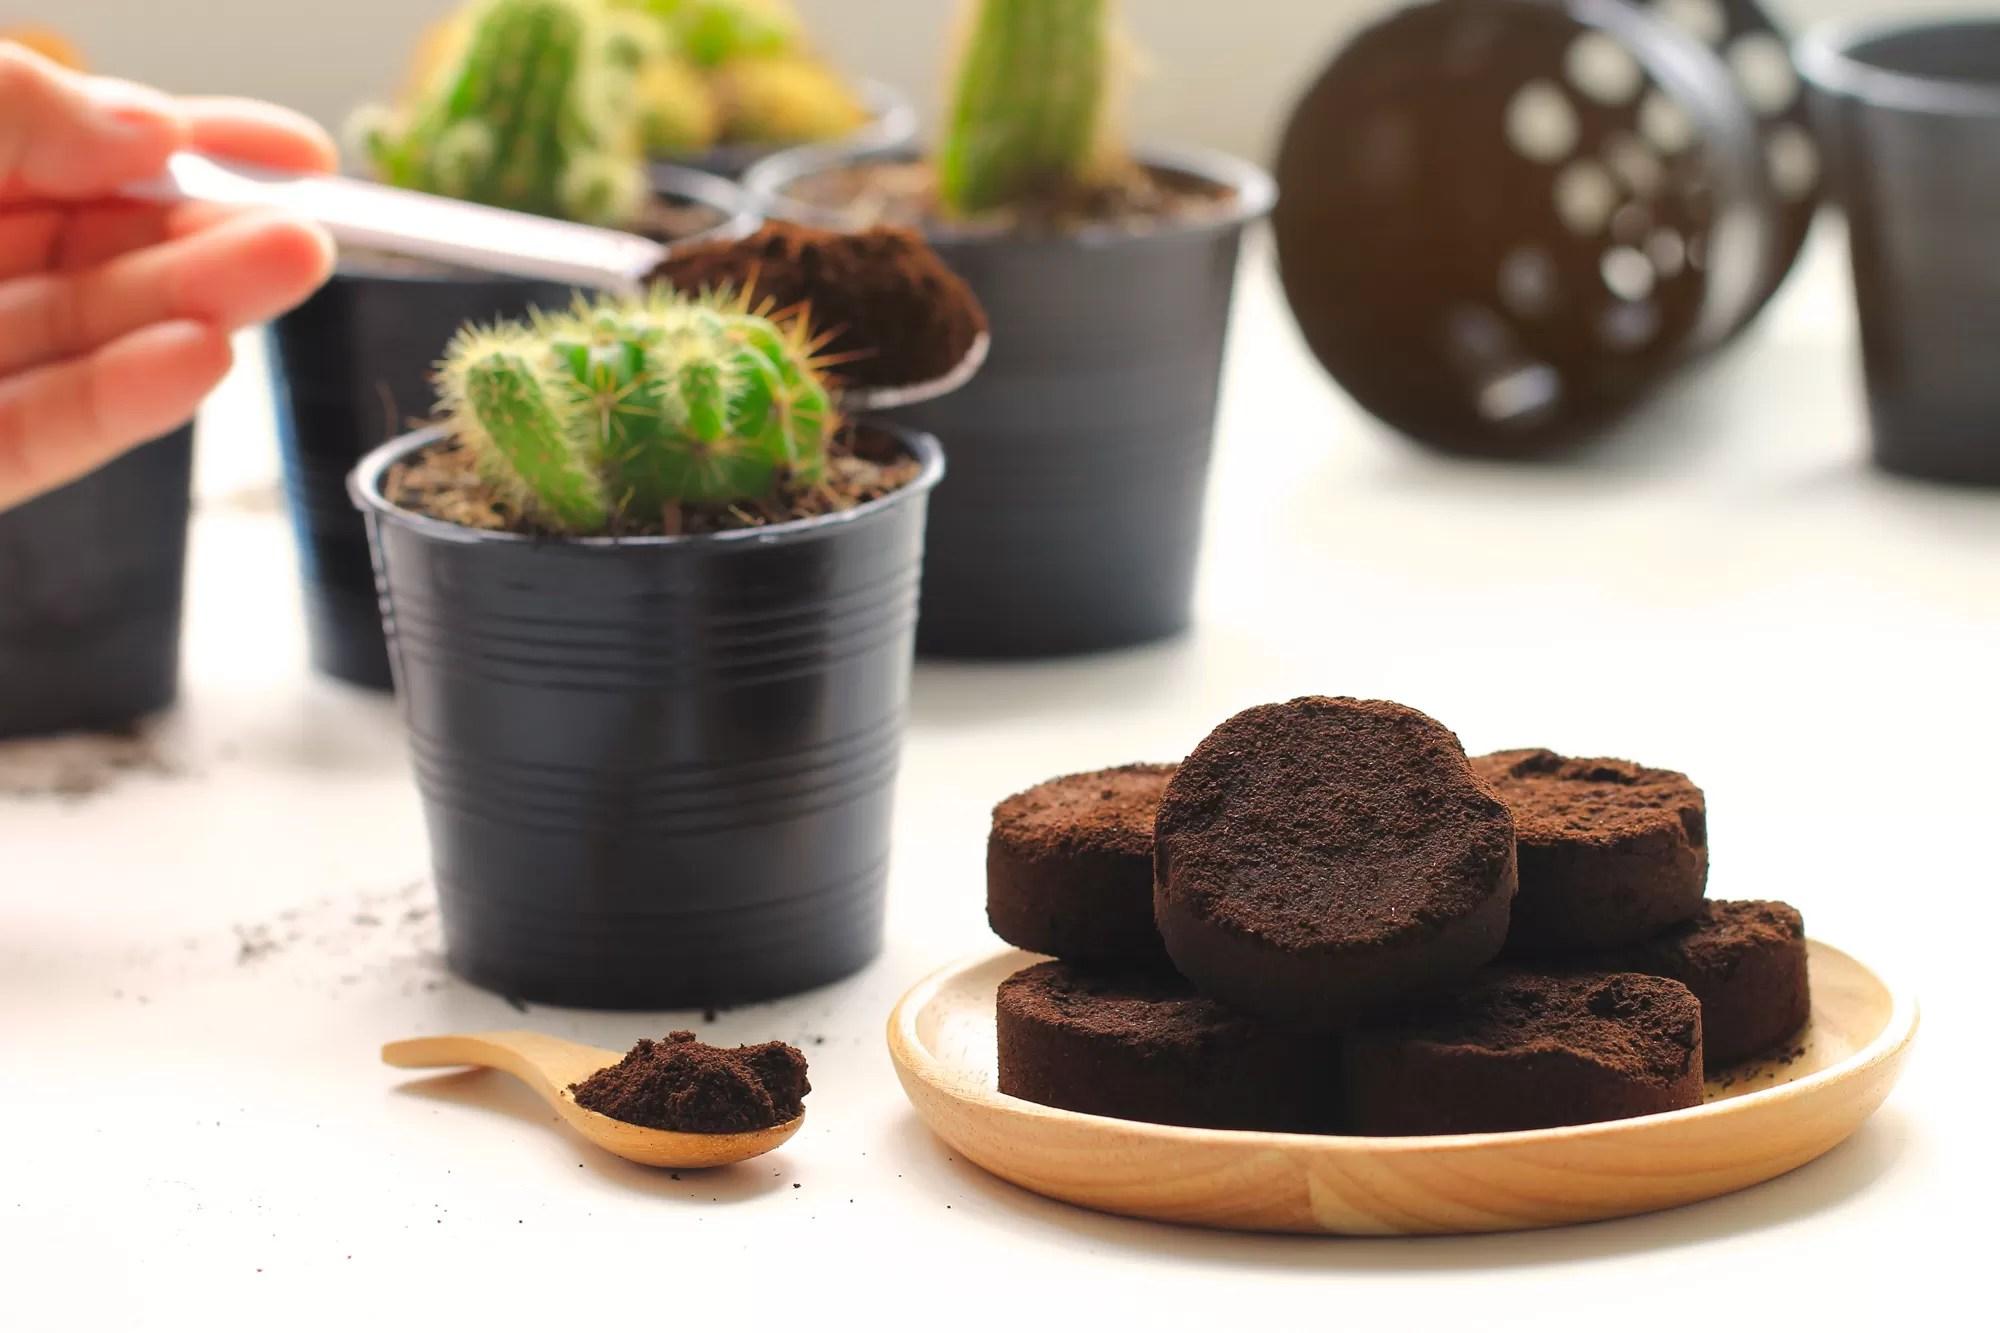 Coltivare Lamponi In Vaso fondi di caffè: come utilizzarli per un giardino fiorito